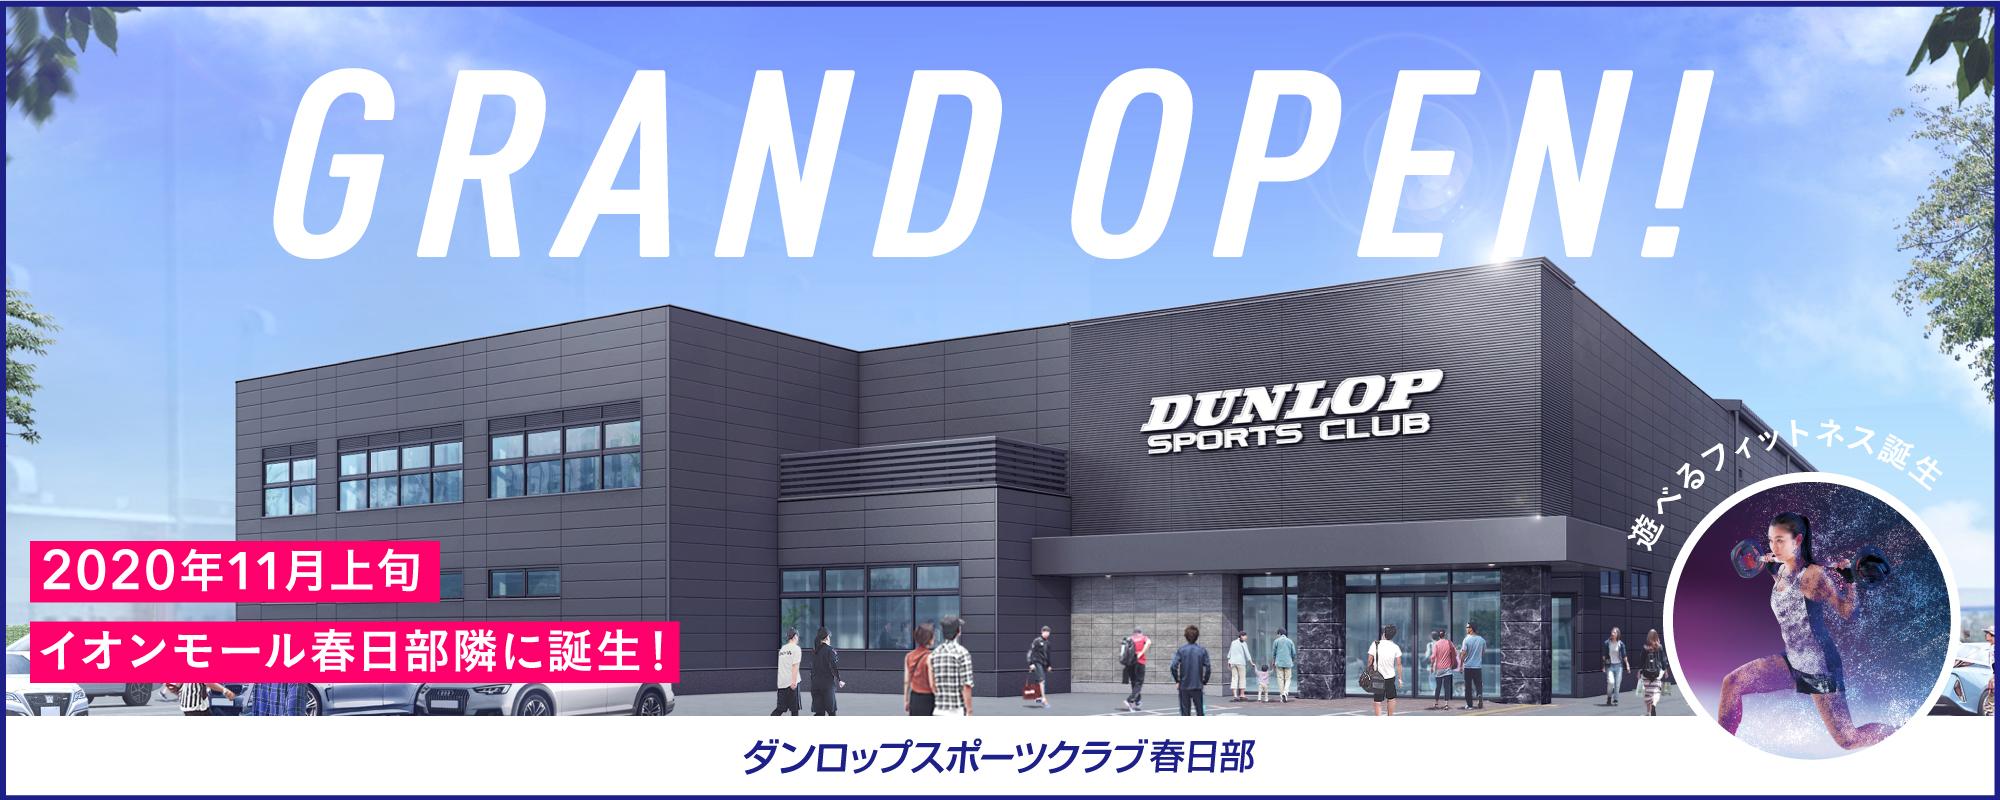 ダンロップスポーツクラブ春日部がイオンモール春日部の隣に開業予定